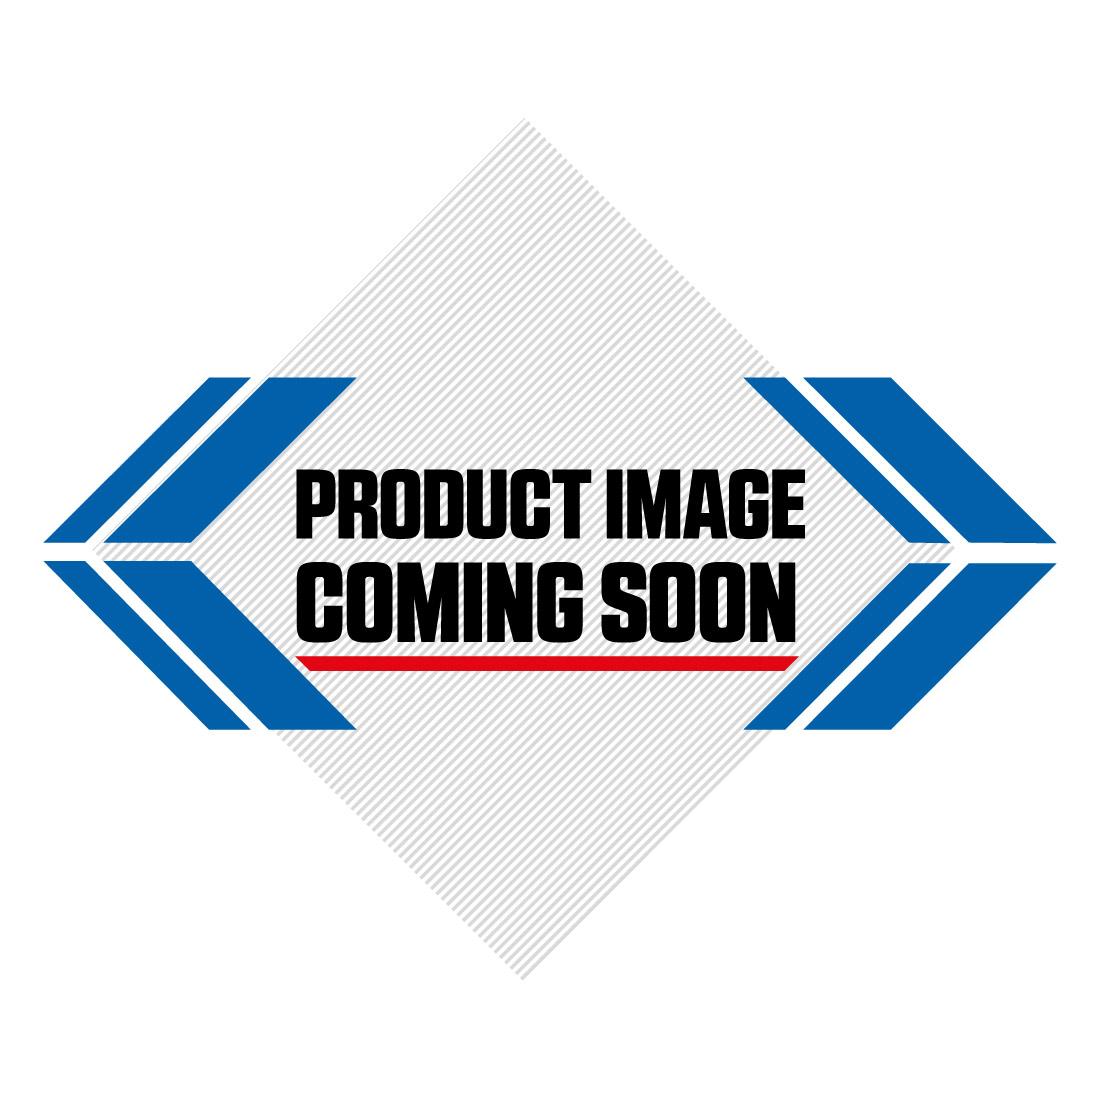 UFO KTM Plastic Kit OEM Factory (2017) Image-2